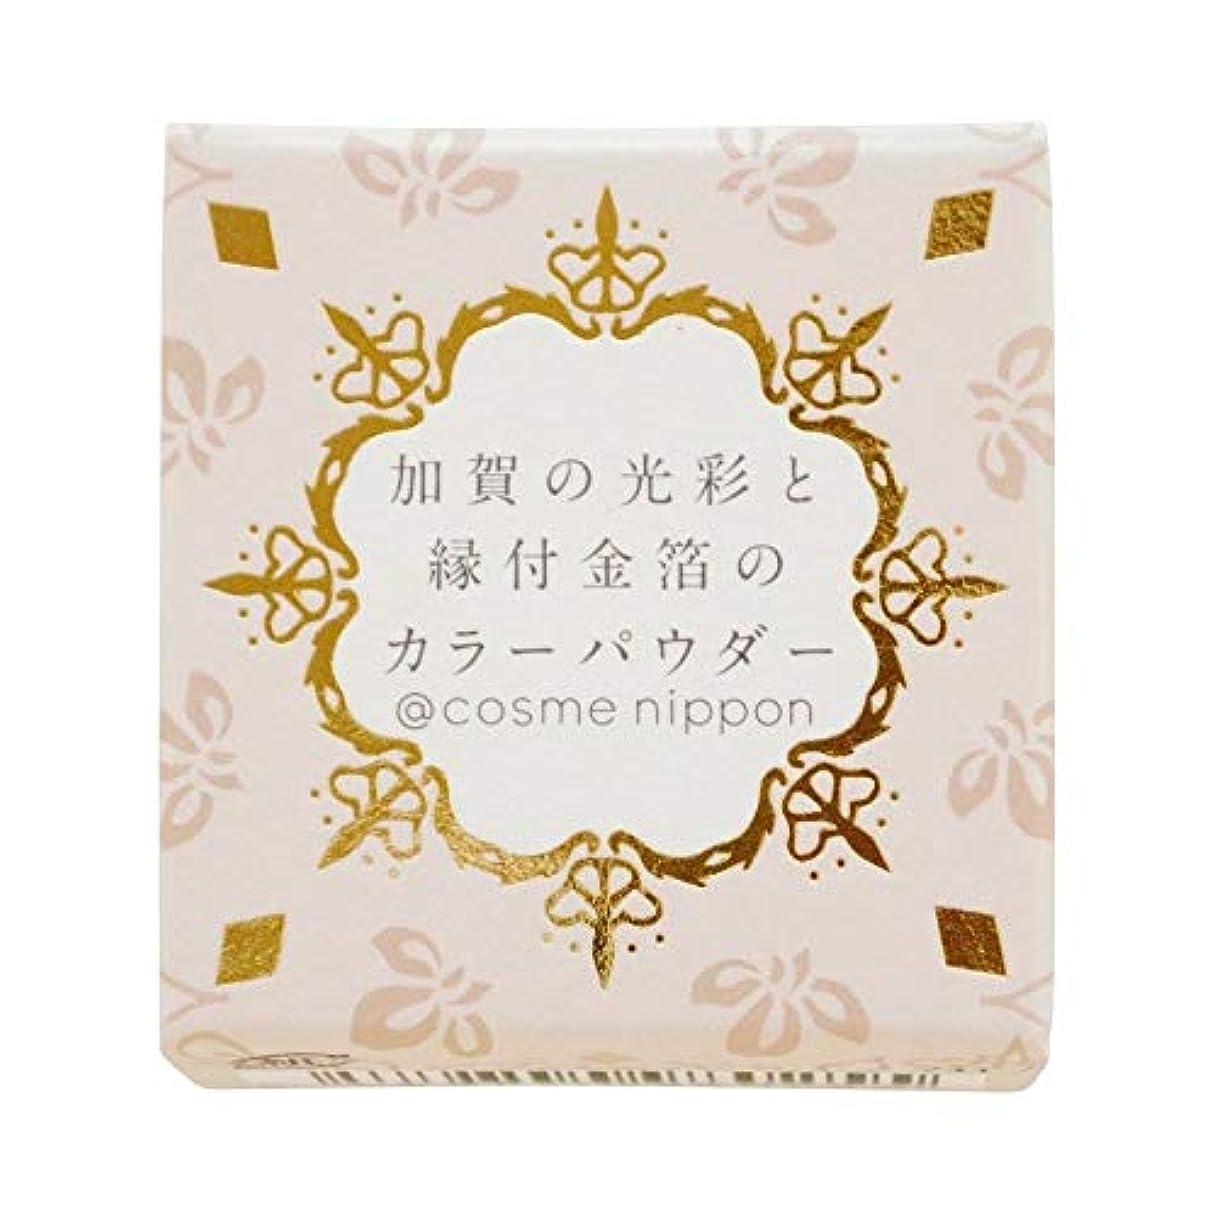 期待してライフル障害者友禅工芸 すずらん加賀の光彩と縁付け金箔のカラーパウダー01金色こんじき